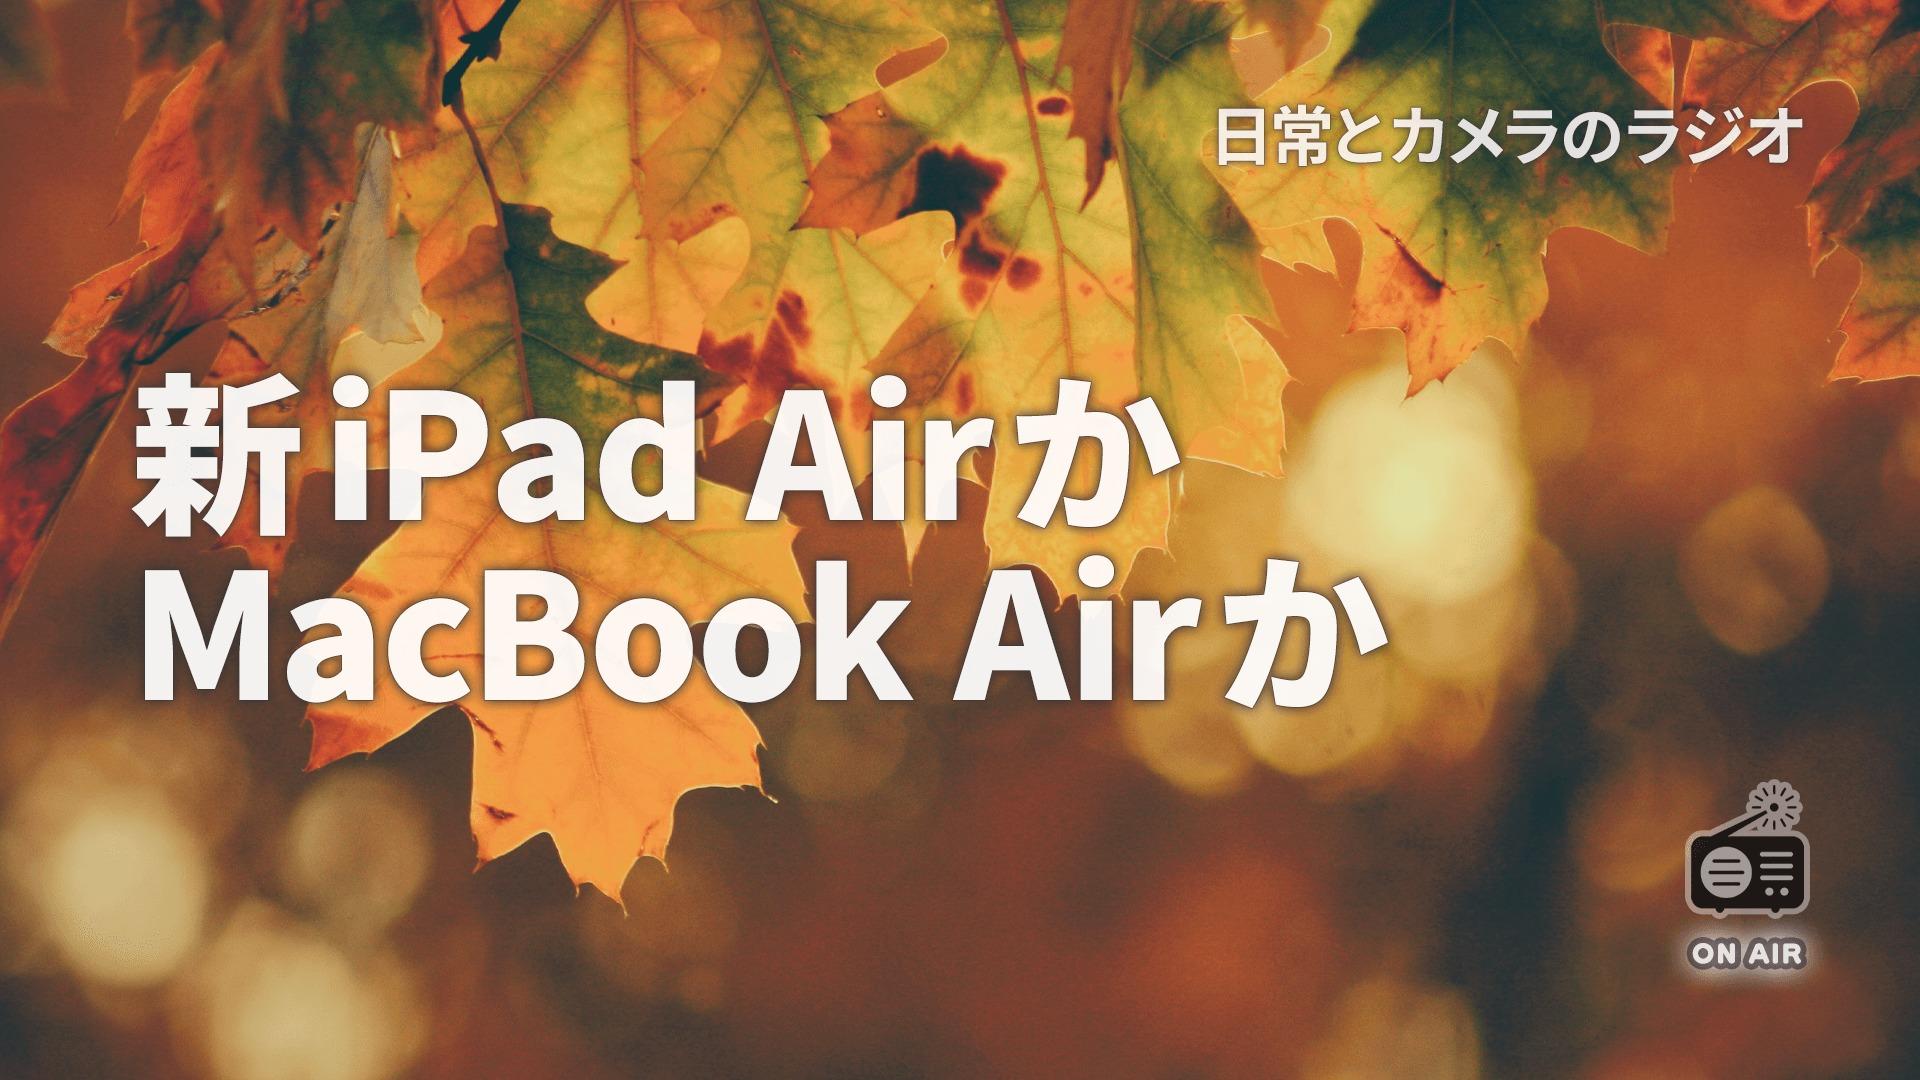 新iPad Air か MacBook Air か